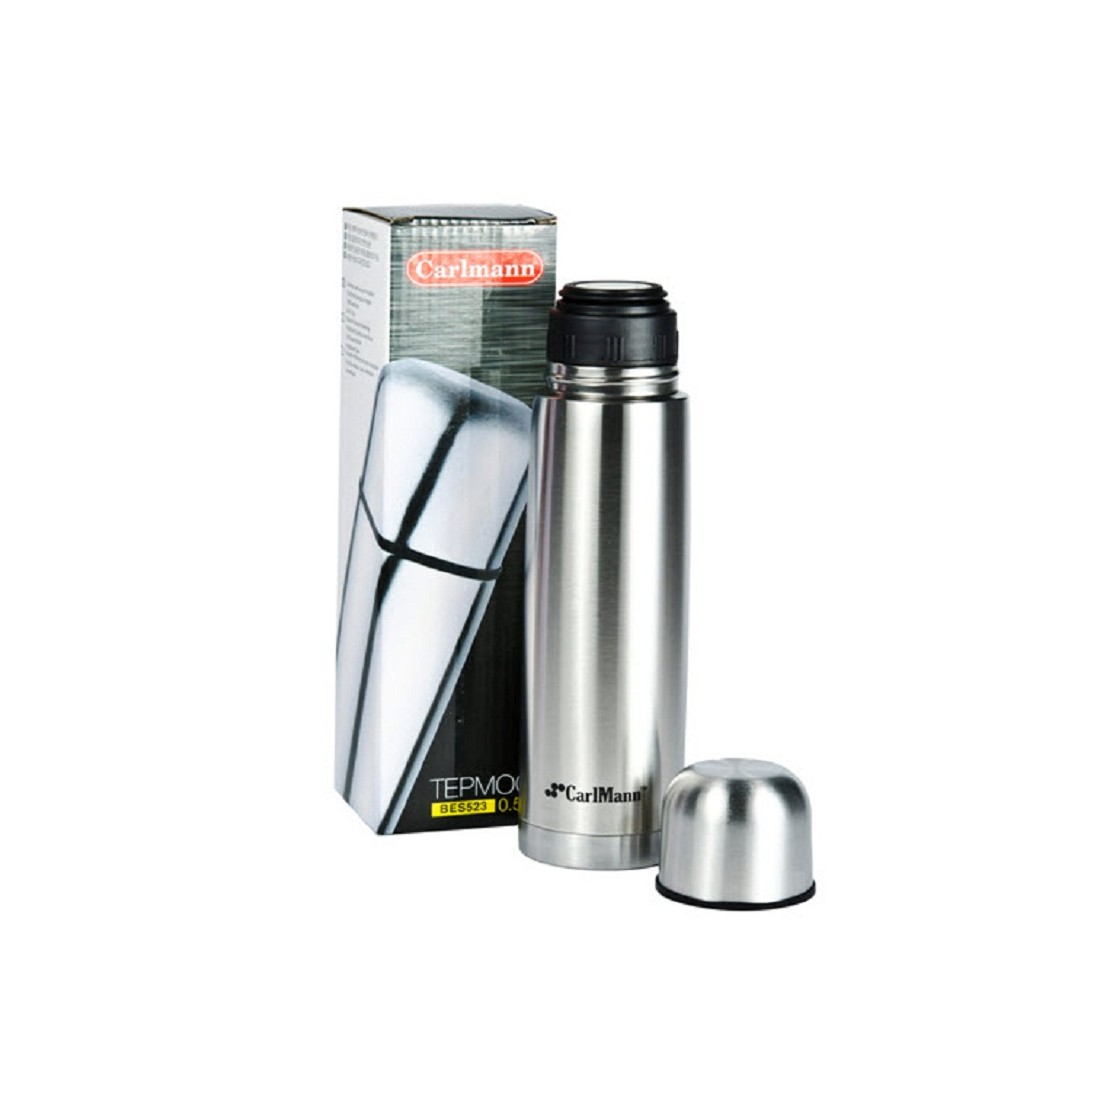 Bình giữ nhiệt inox CarLMann 500ML BES523-Thế giới đồ gia dụng